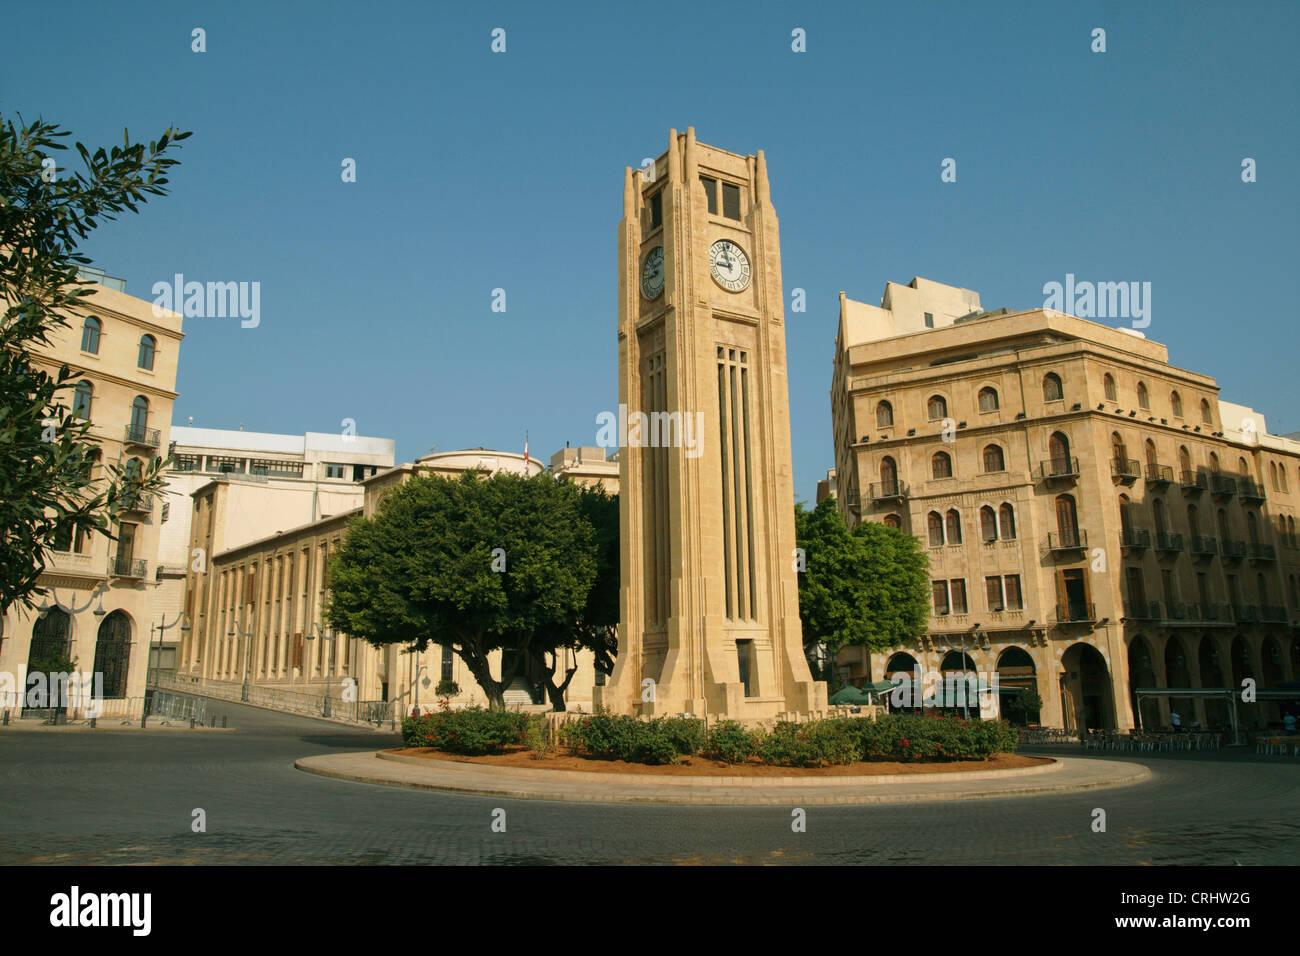 Tour de l'horloge au centre-ville, le Liban, Beyrouth Photo Stock